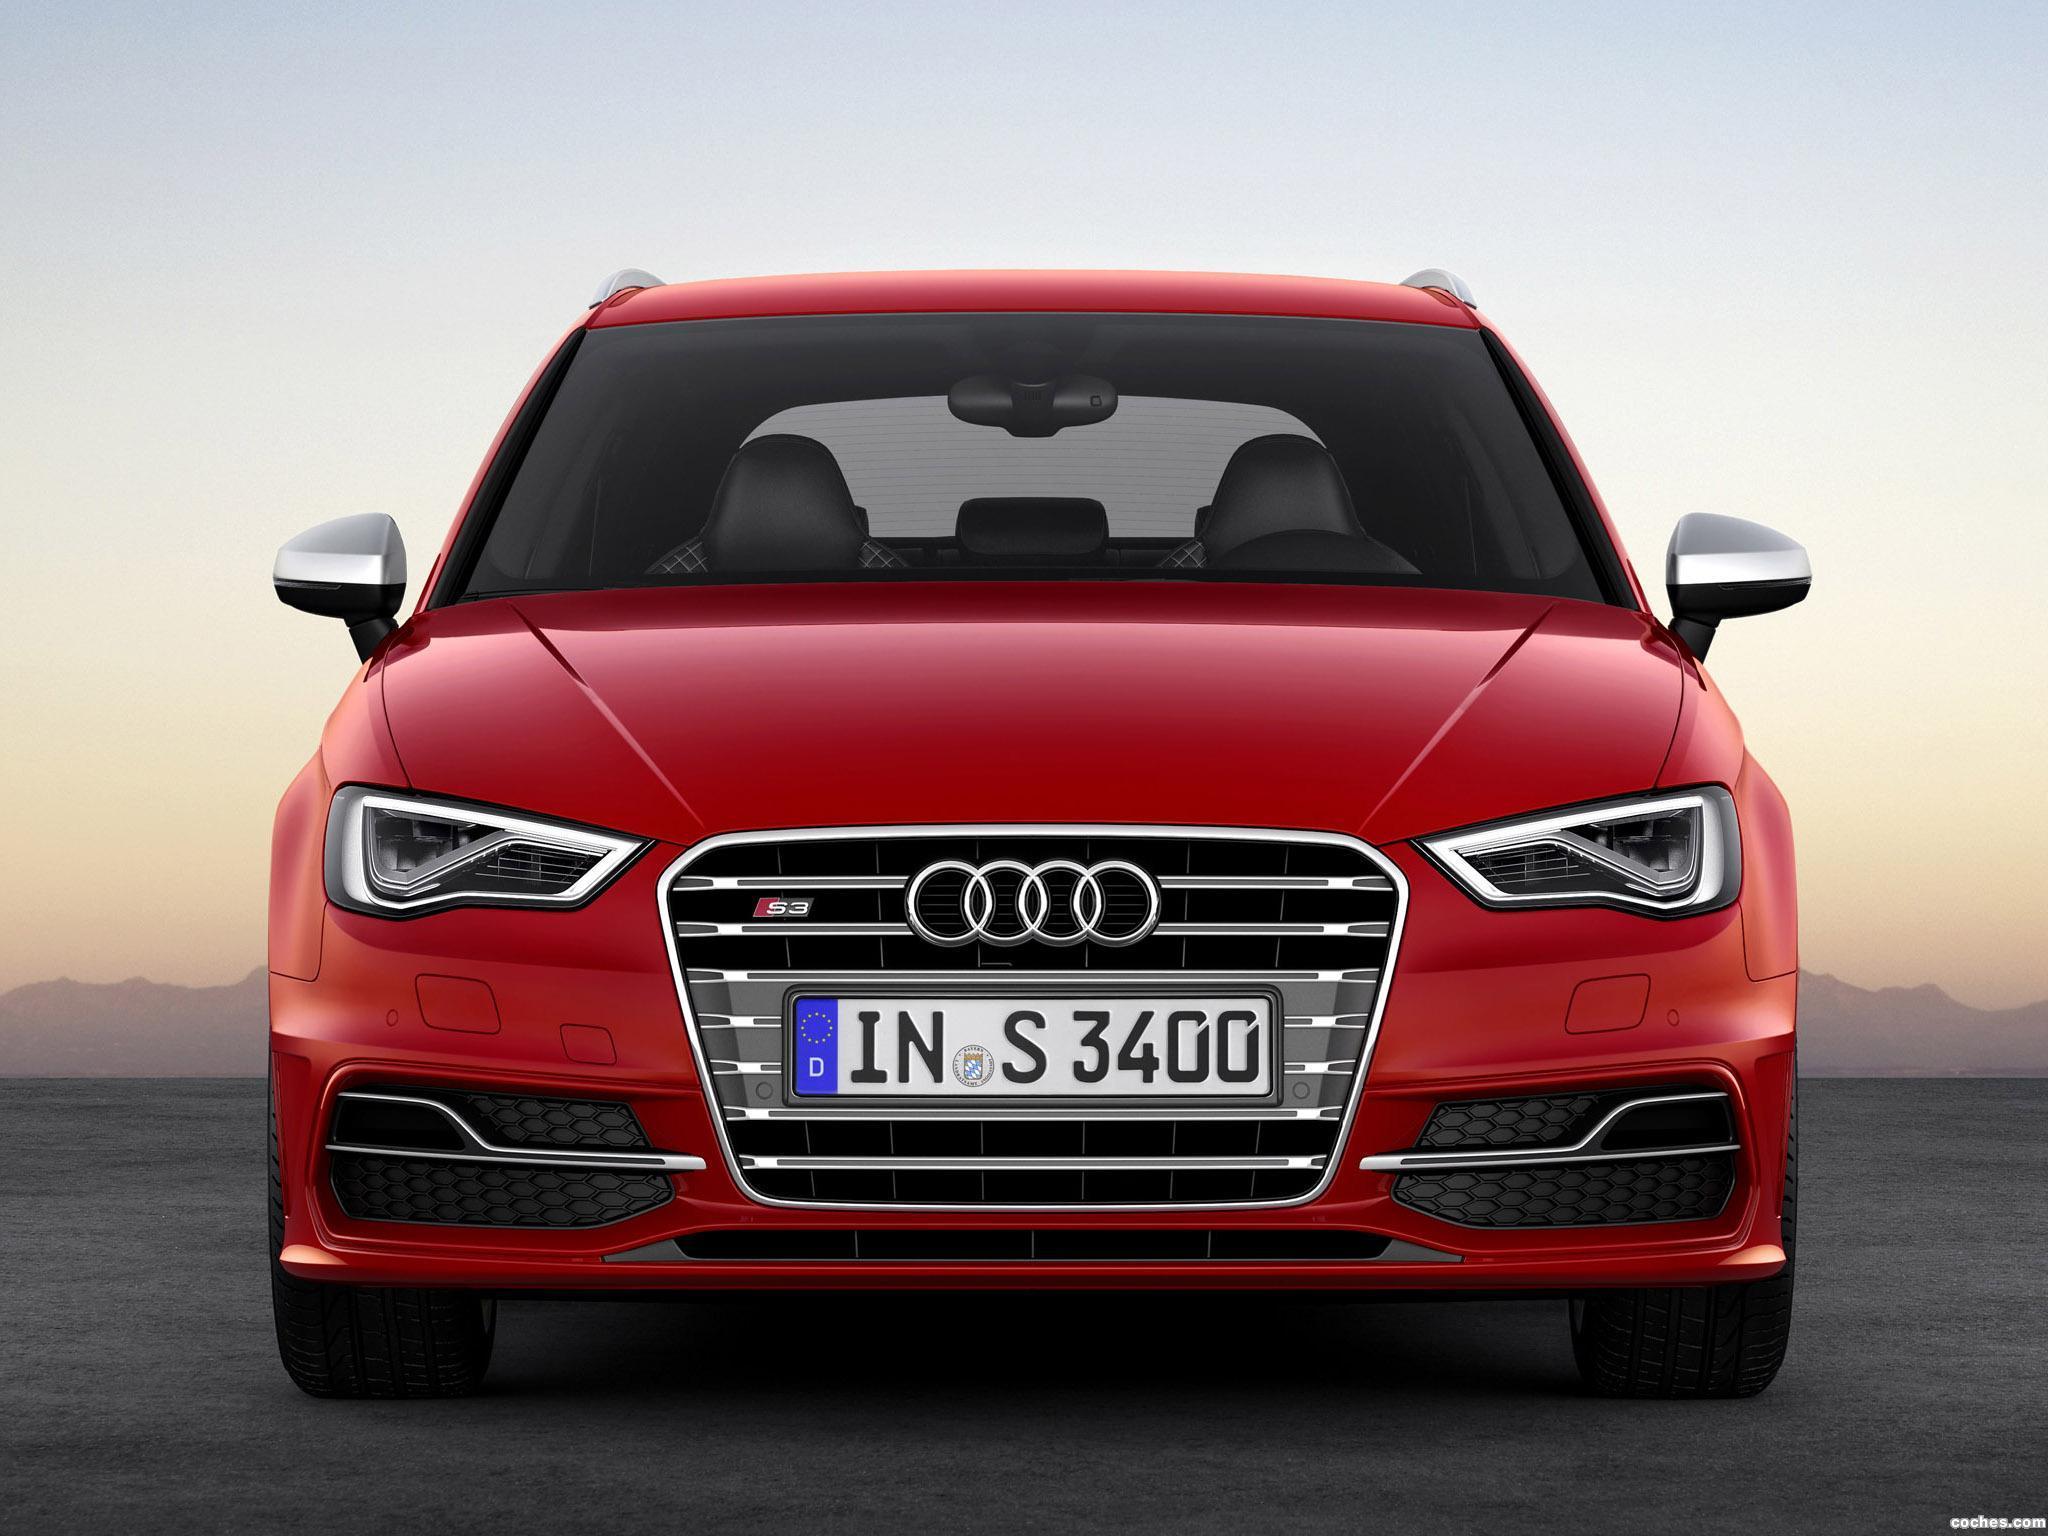 Foto 11 de Audi S3 Sportback 2013